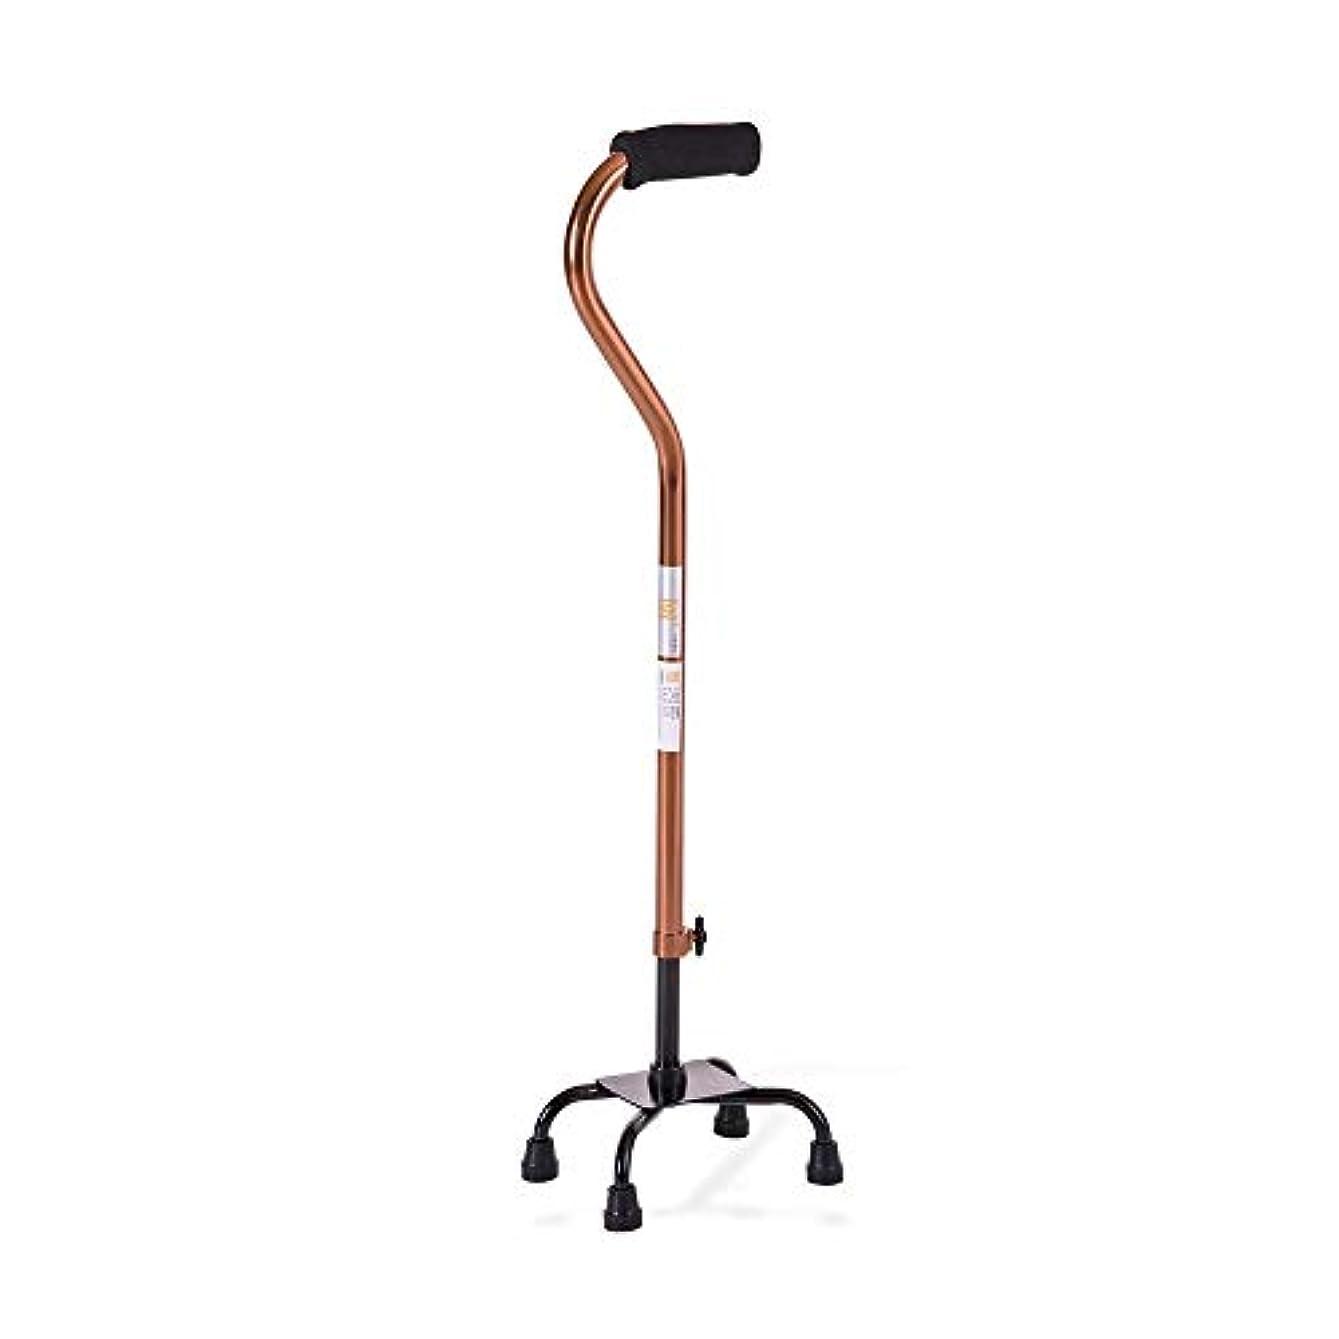 オプショナルペルセウスうねるエクストラストロングベース付きの調整可能な4本脚の杖